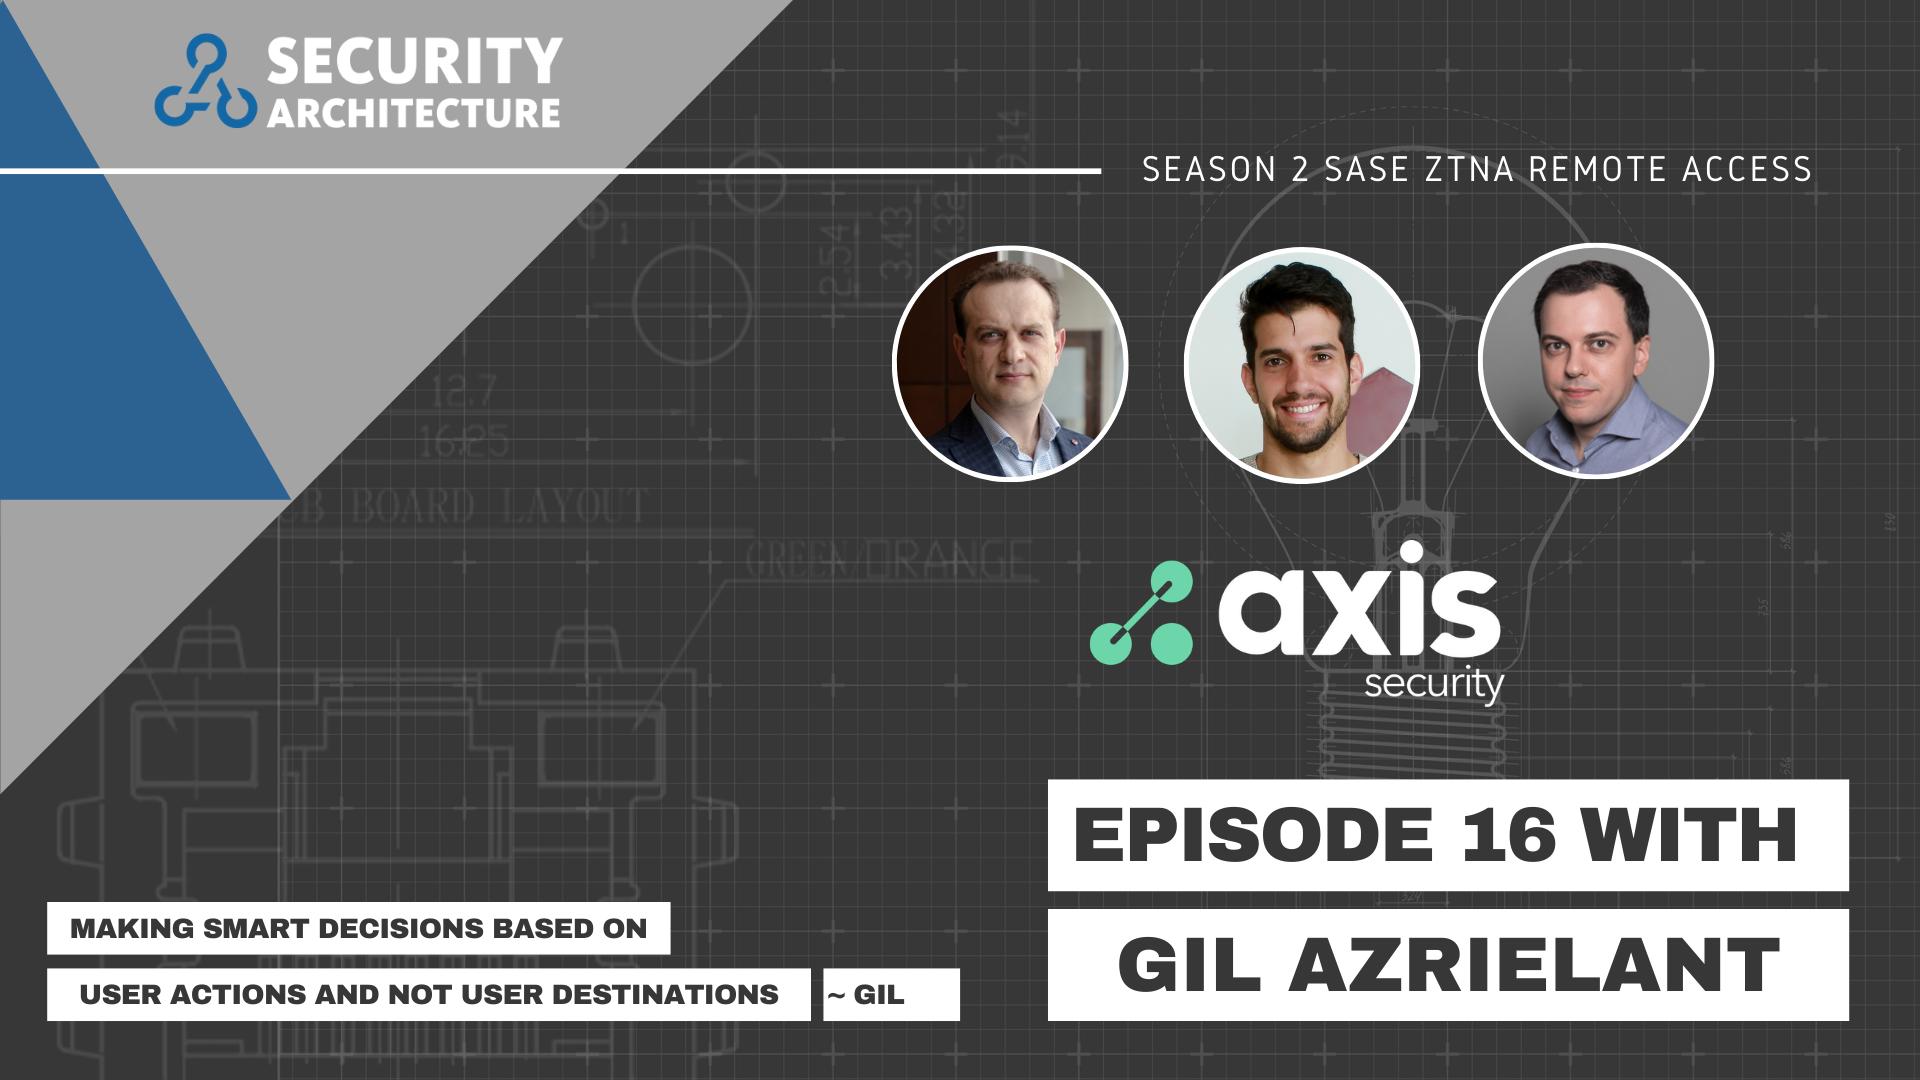 S02E16 - Axis Security